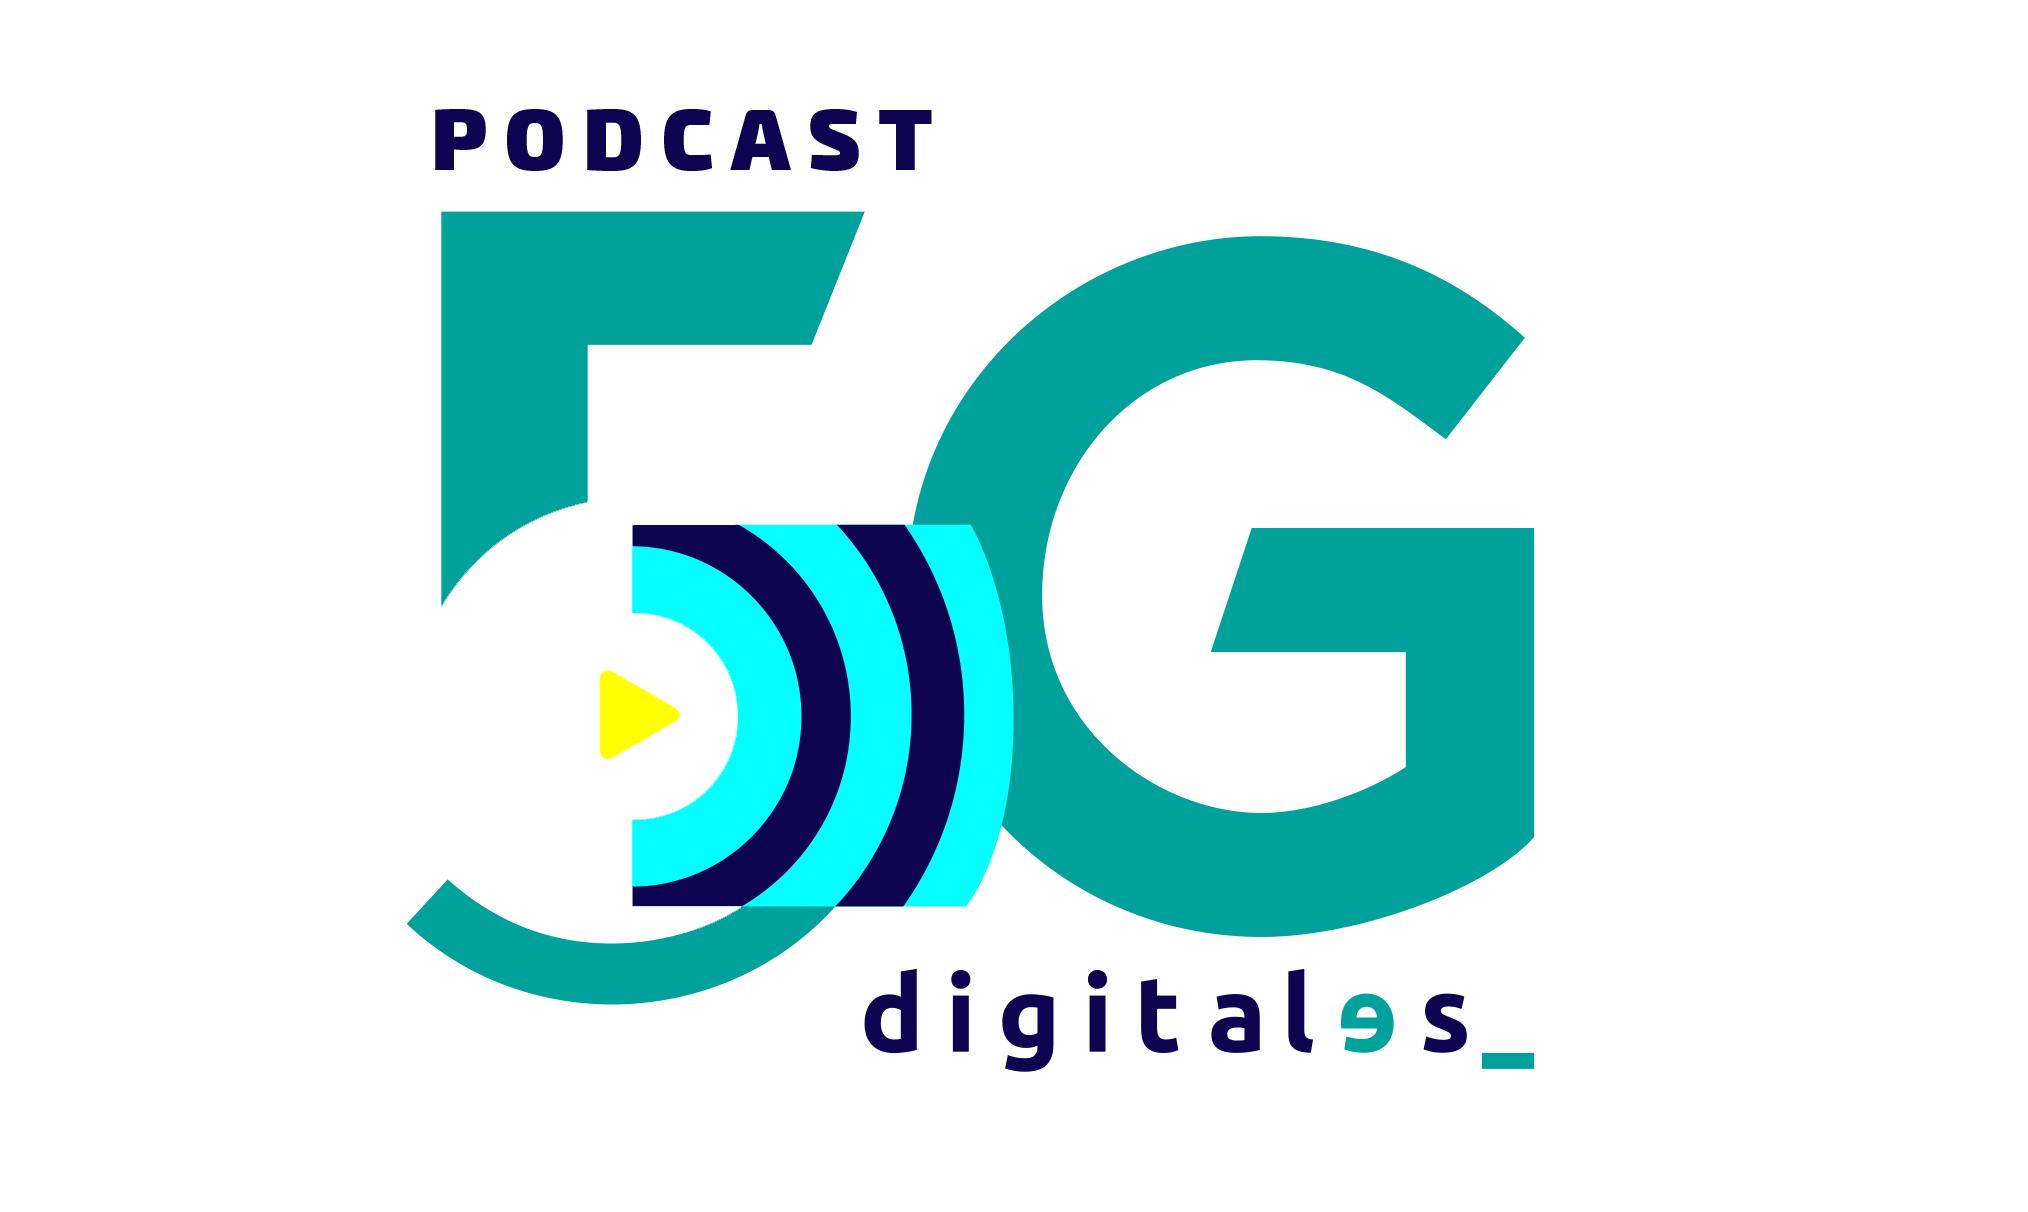 podcast 5g